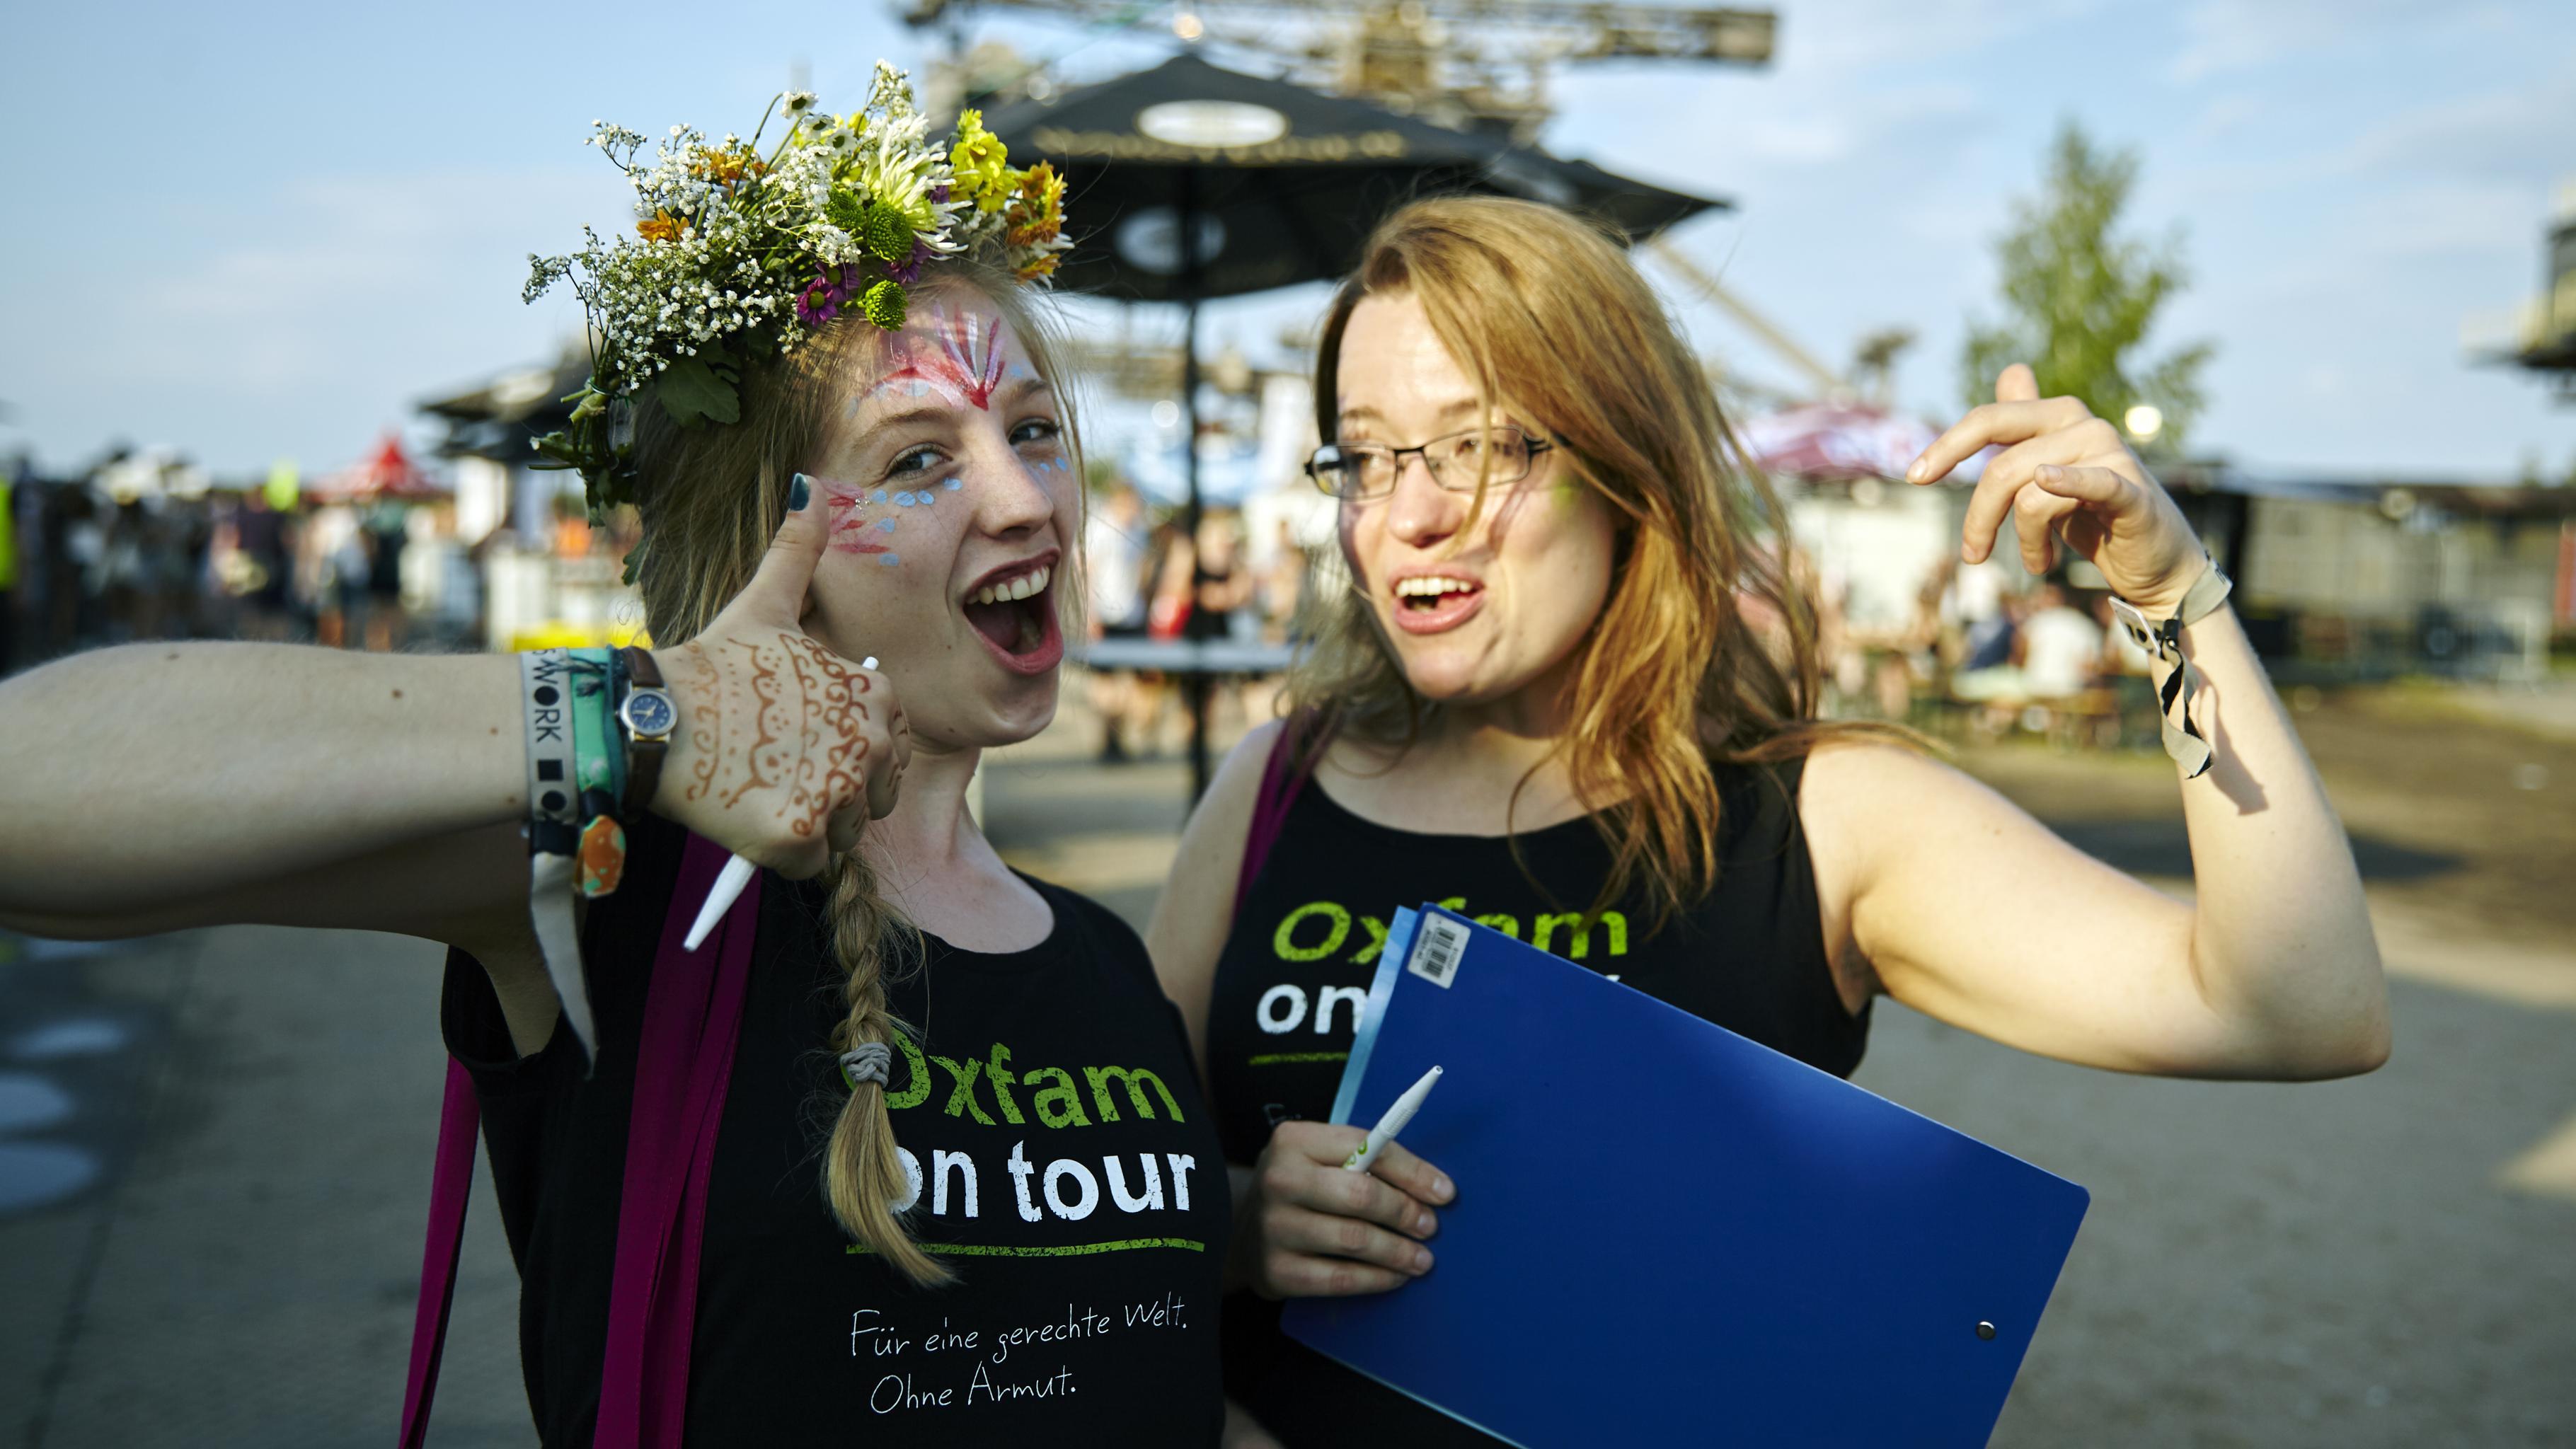 Zwei Konzertaktivistinnen mit einem mit Oxfam on Tour bedrucktem T-Shirt vor dem Hintergrund des Melt-Festivals